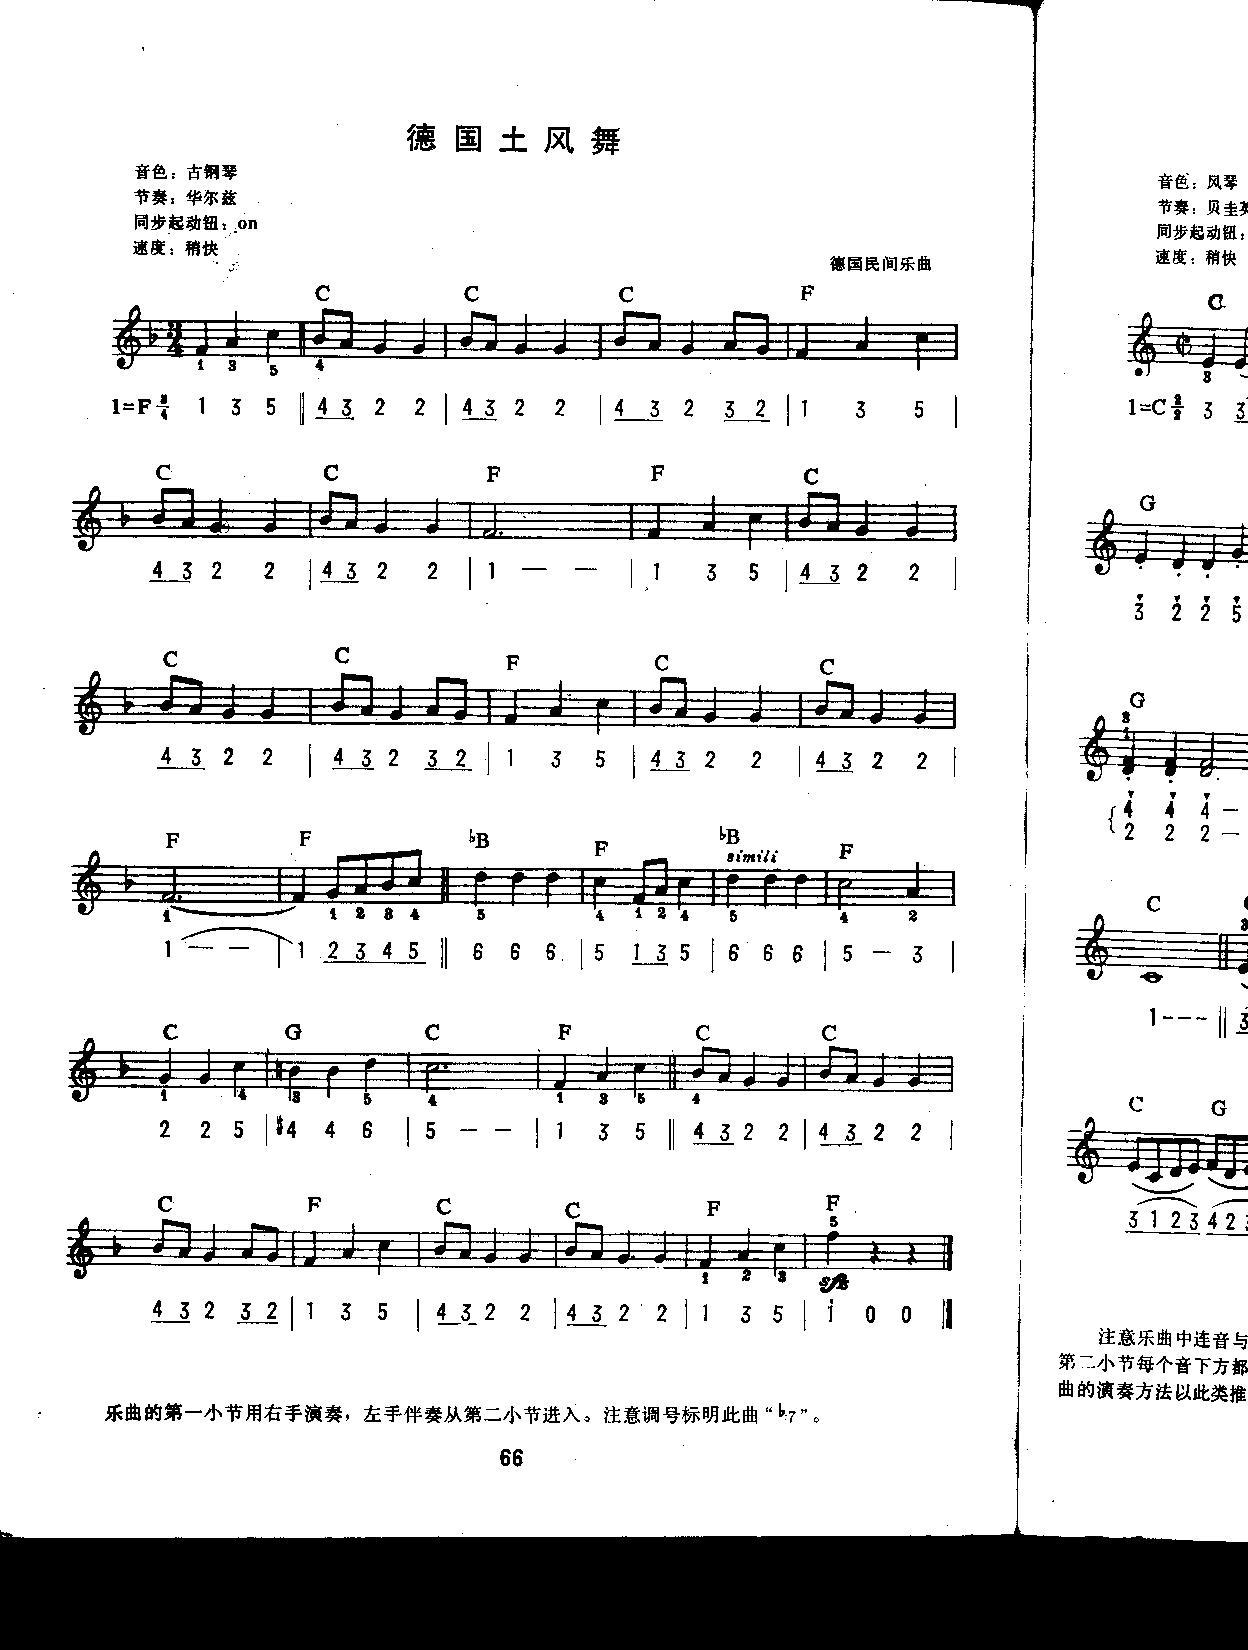 土风舞(中级班电子琴乐谱)电子琴曲谱(图1)-德国土风舞 中级班